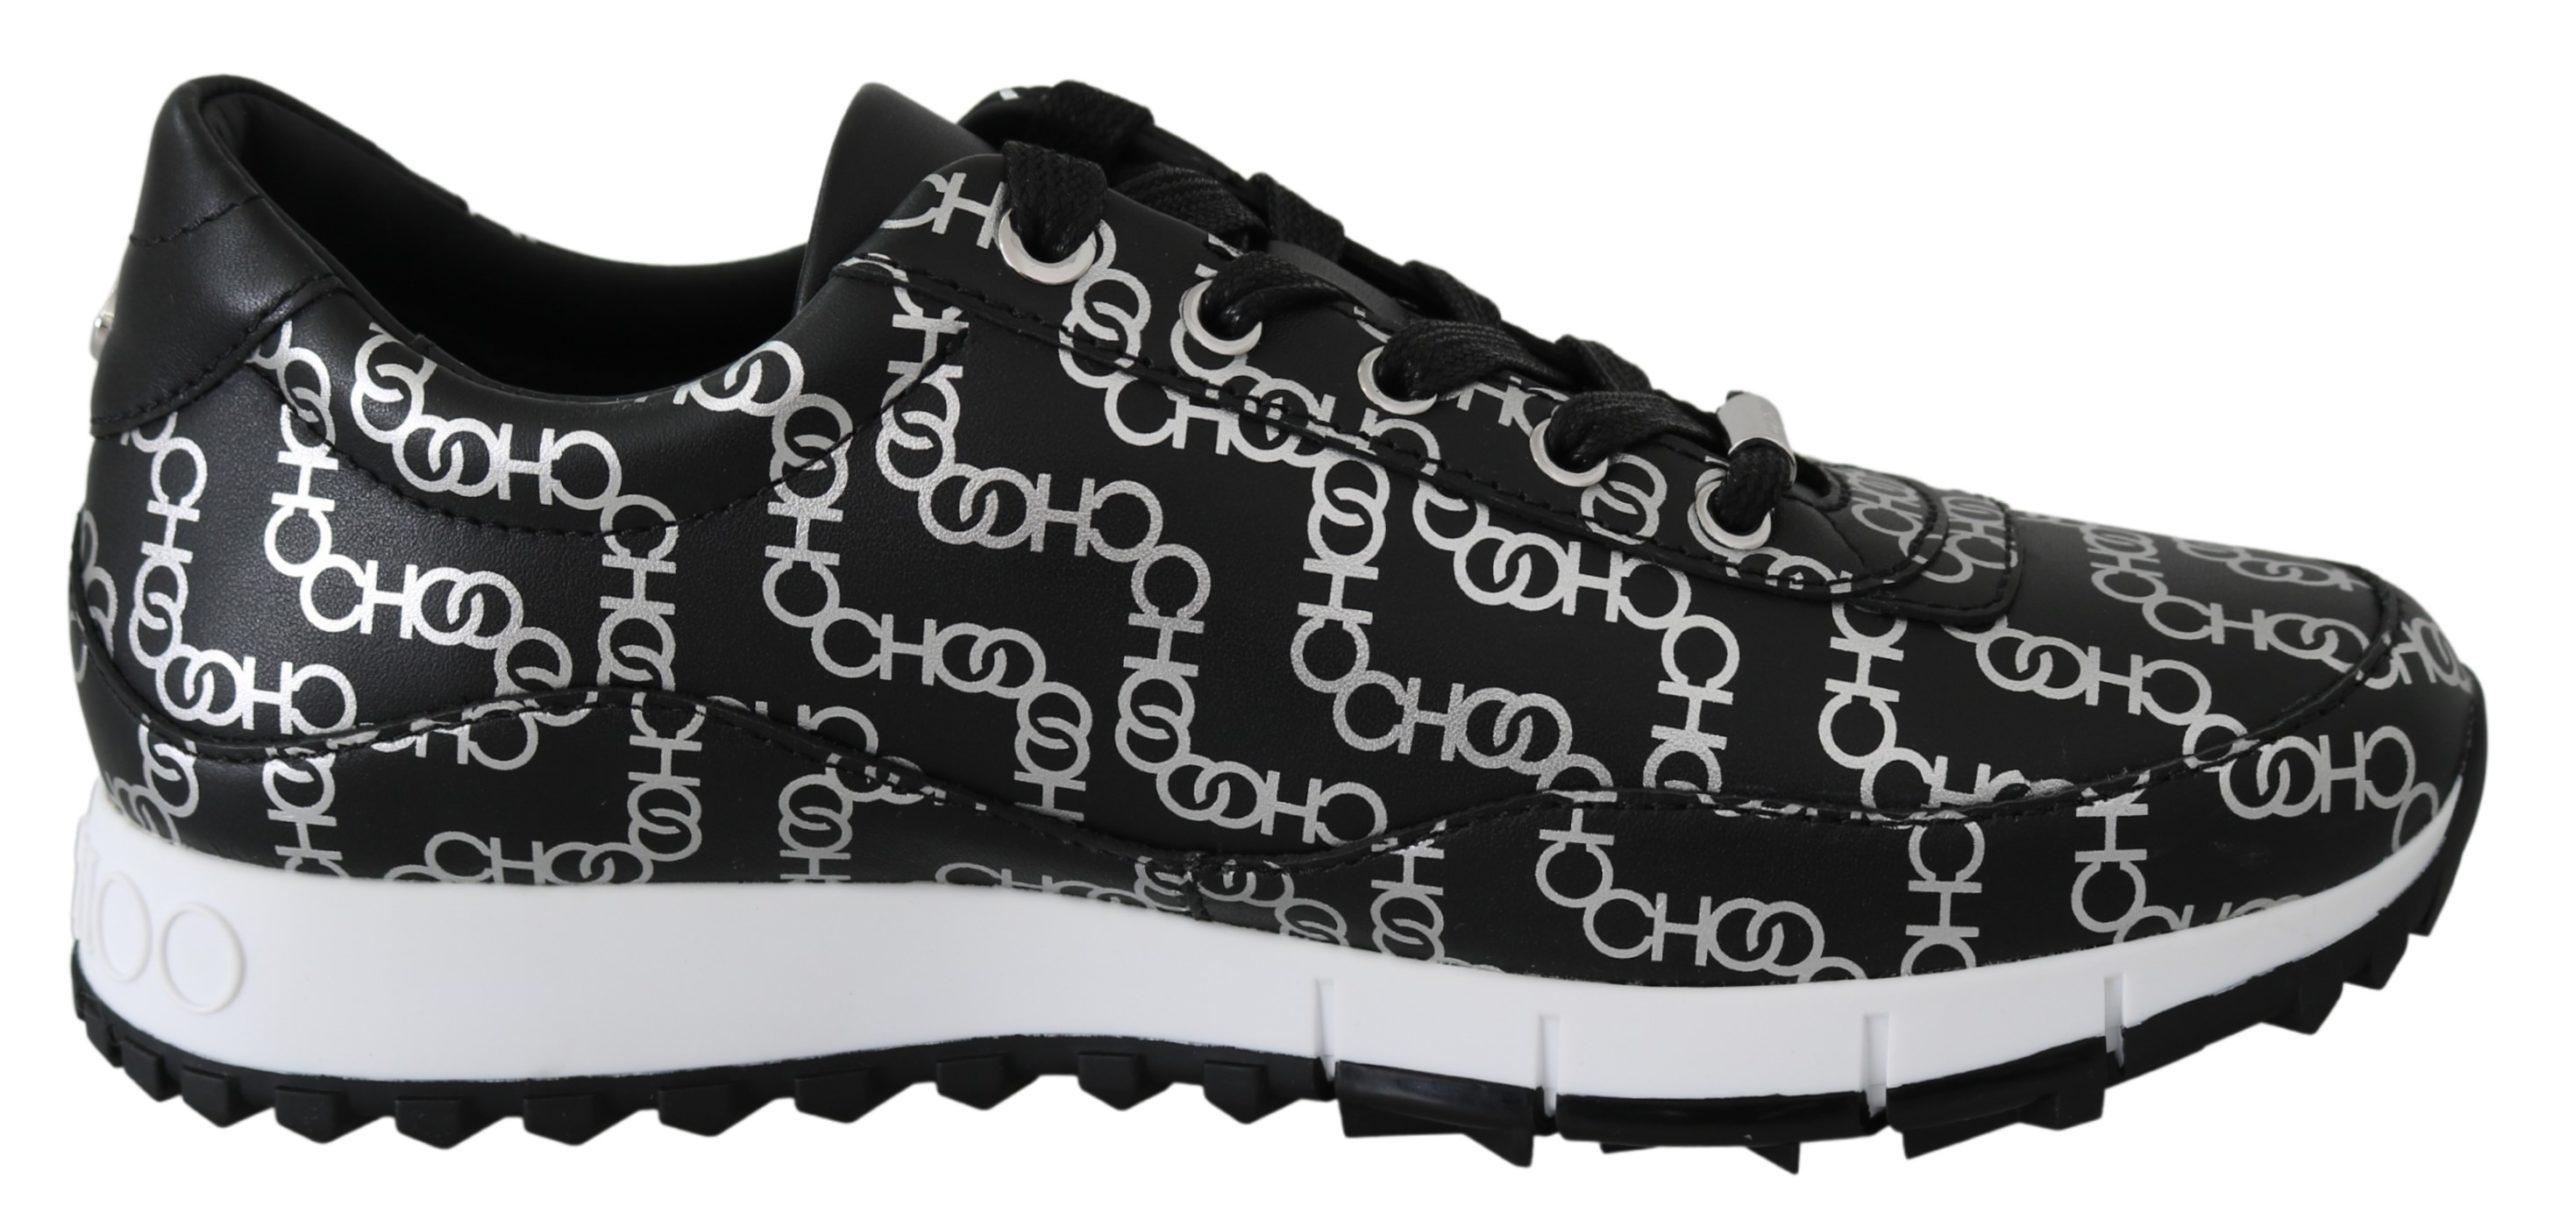 Jimmy Choo Women's Monza Sneakers Black Silver 1436431 - EU36/US6